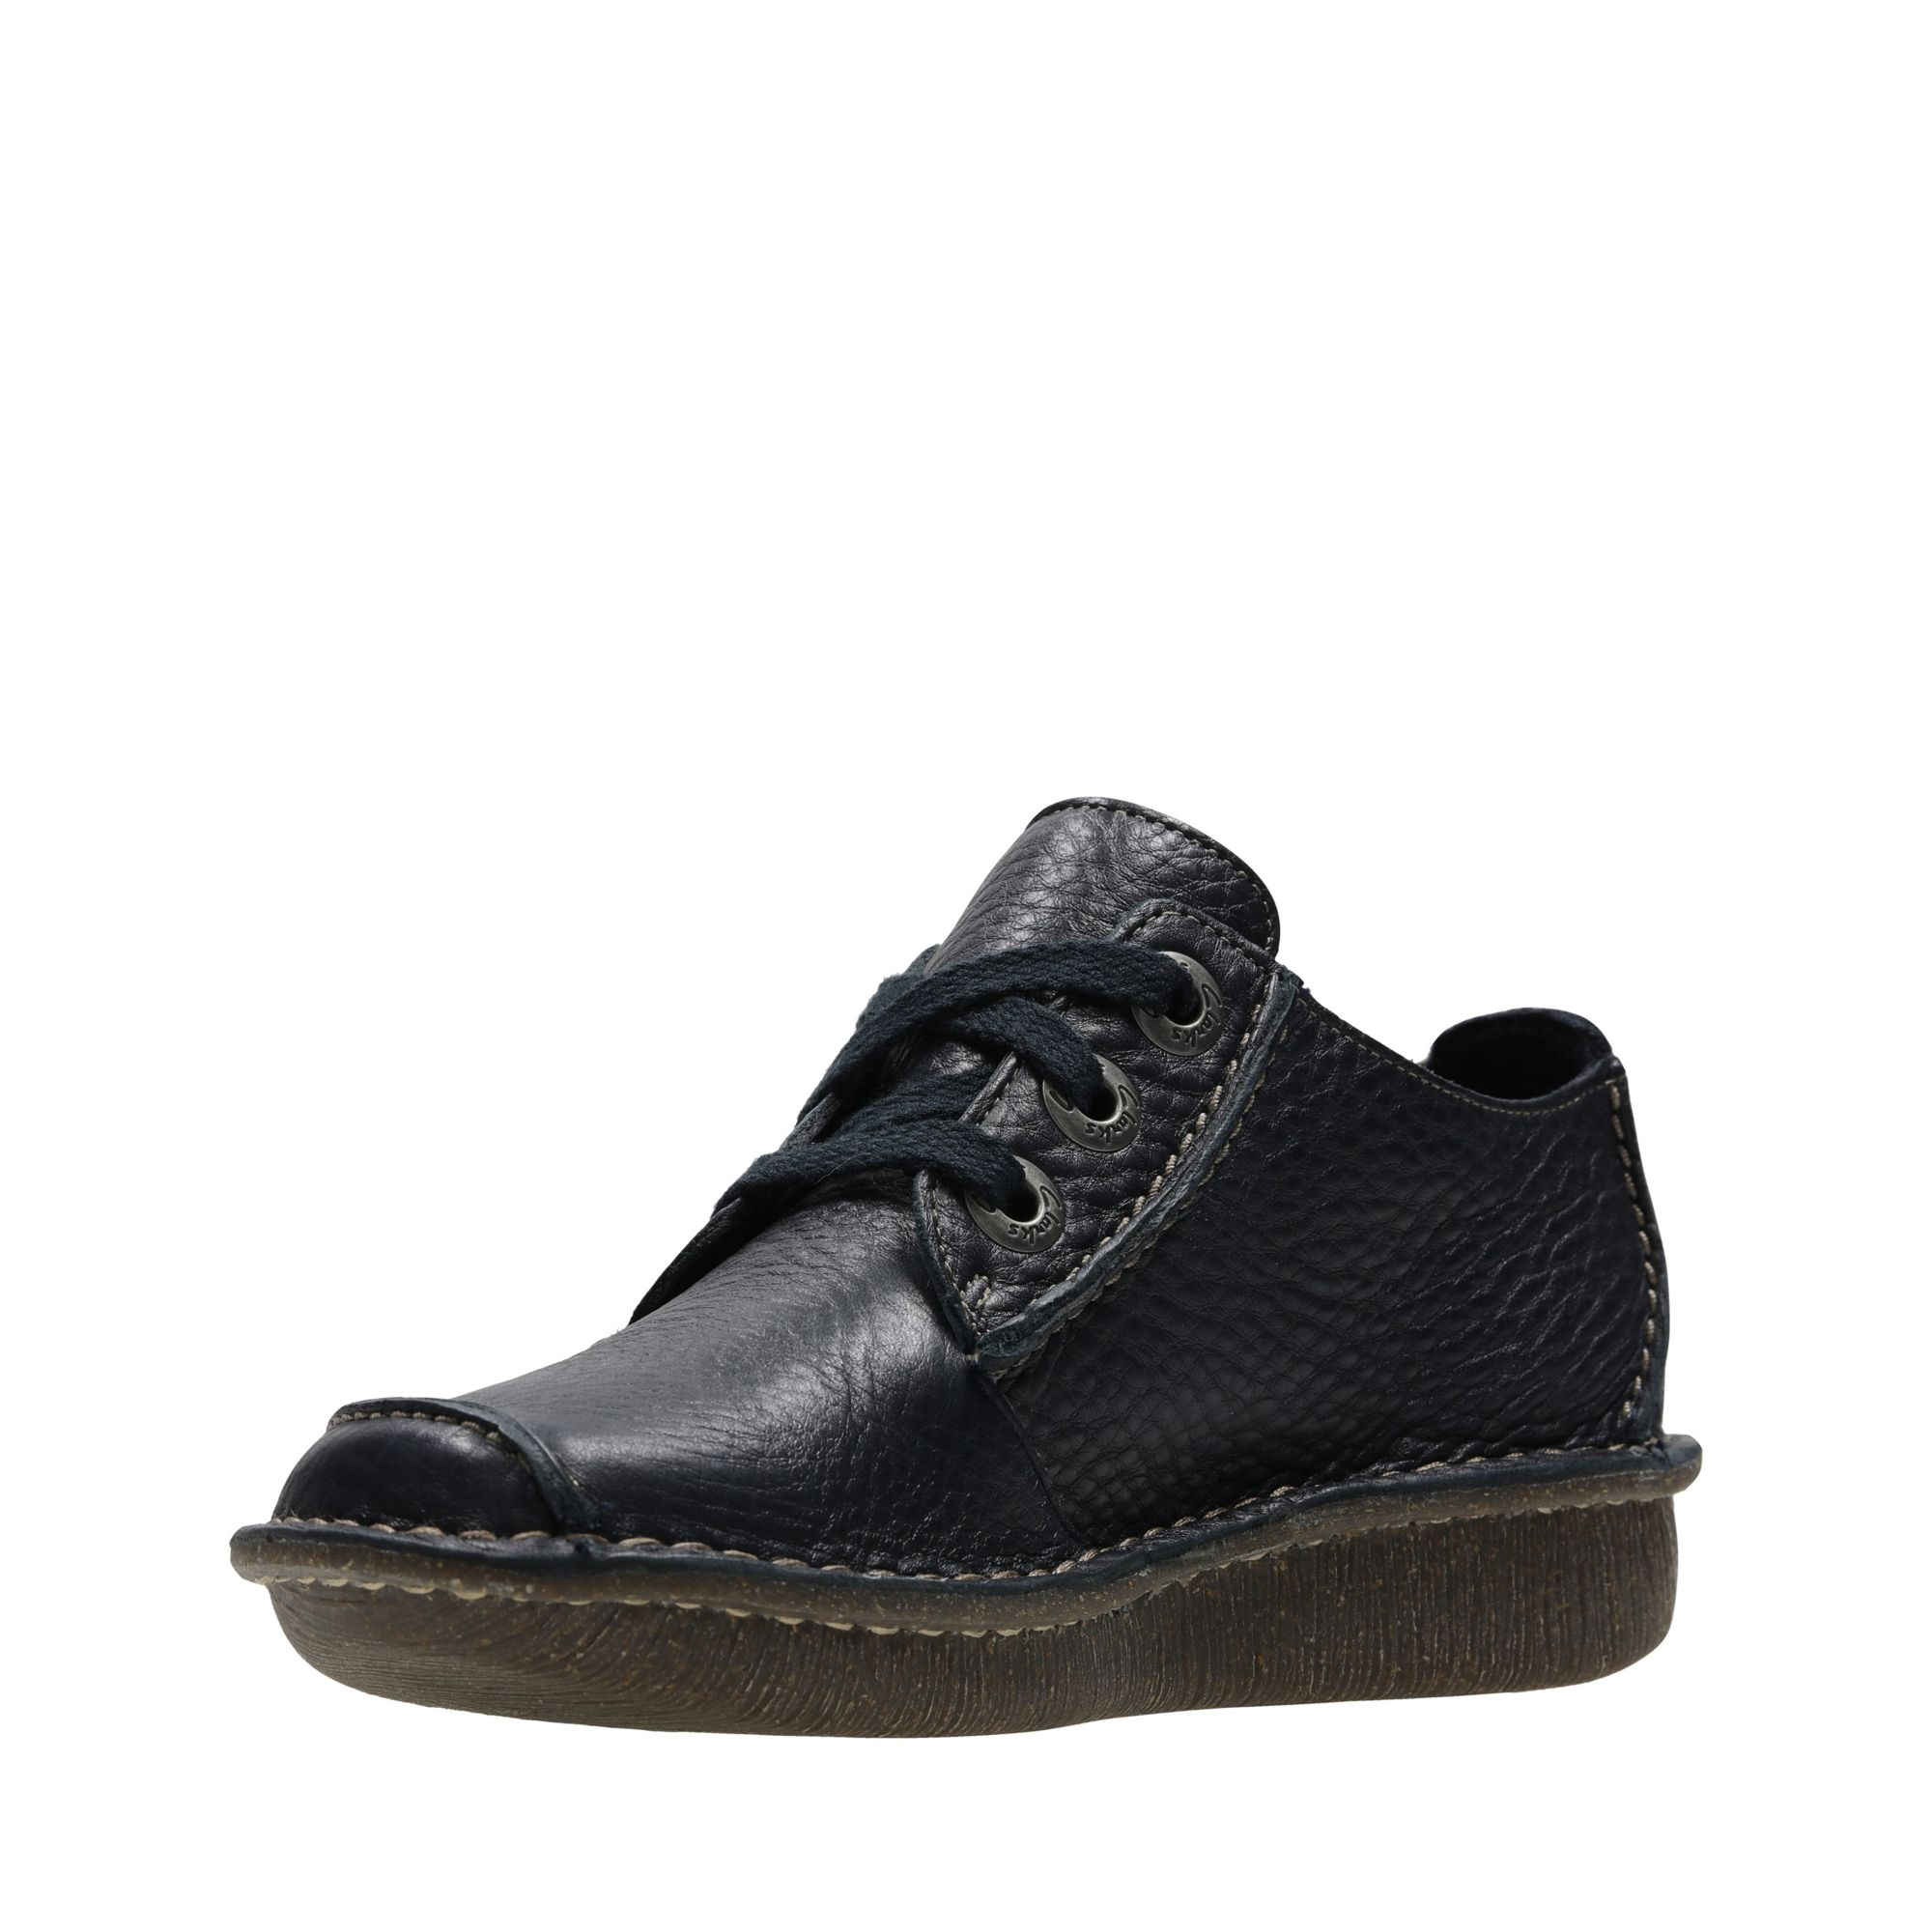 Дамски обувки Clarks Funny Dream тъмно сини - снимка 4